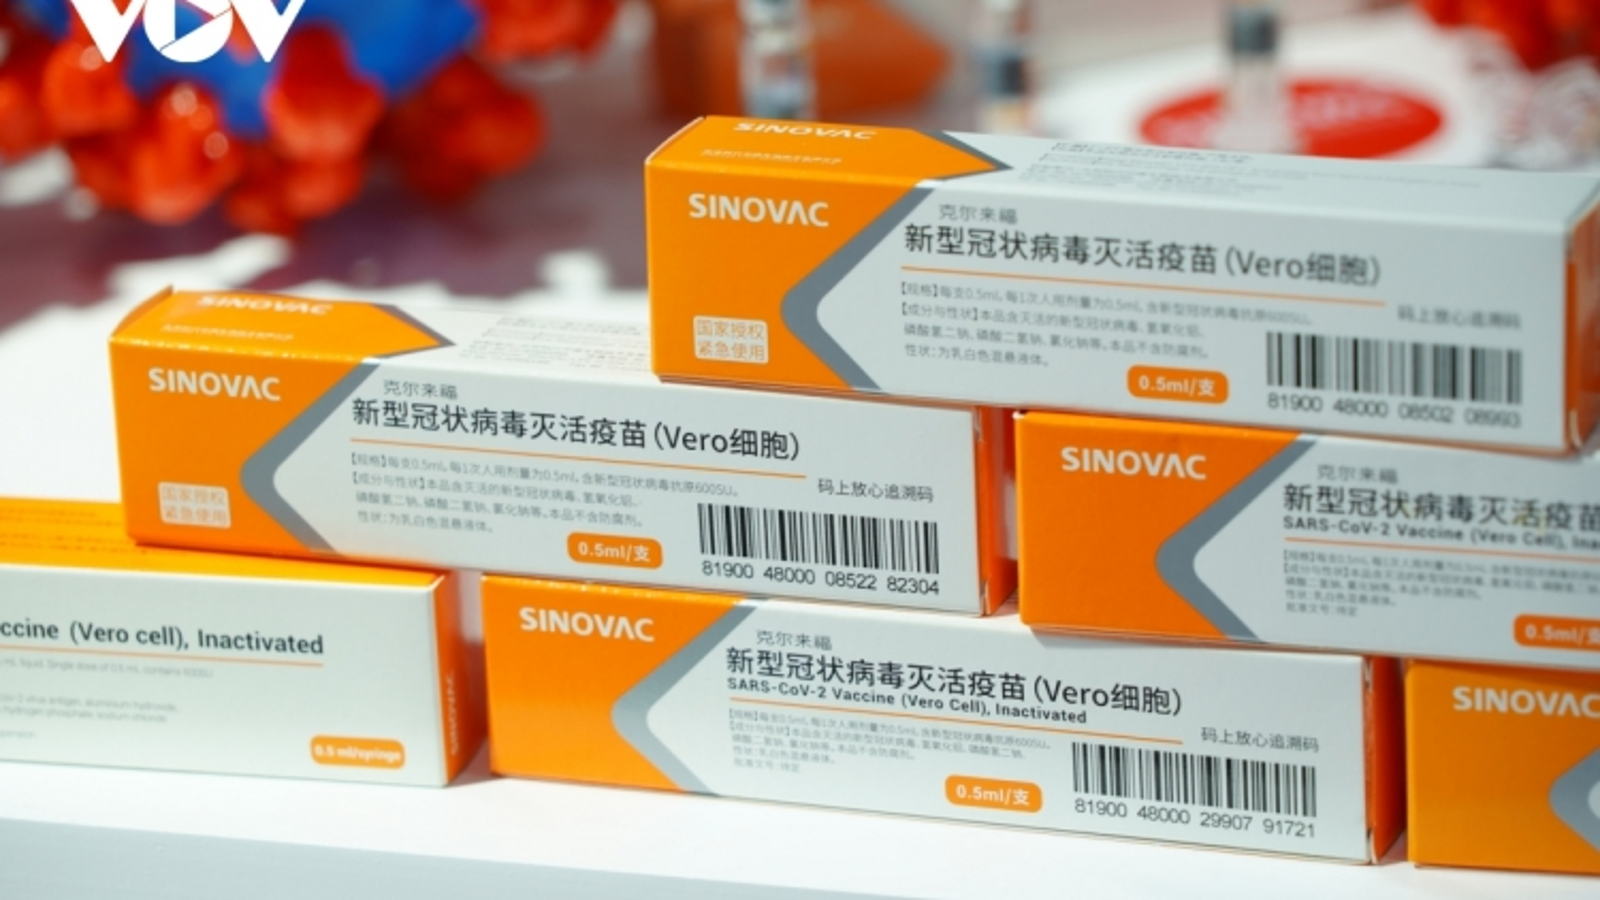 Trung Quốc có thể sản xuất vaccine Covid-19 chống biến thể trong khoảng 10 tuần